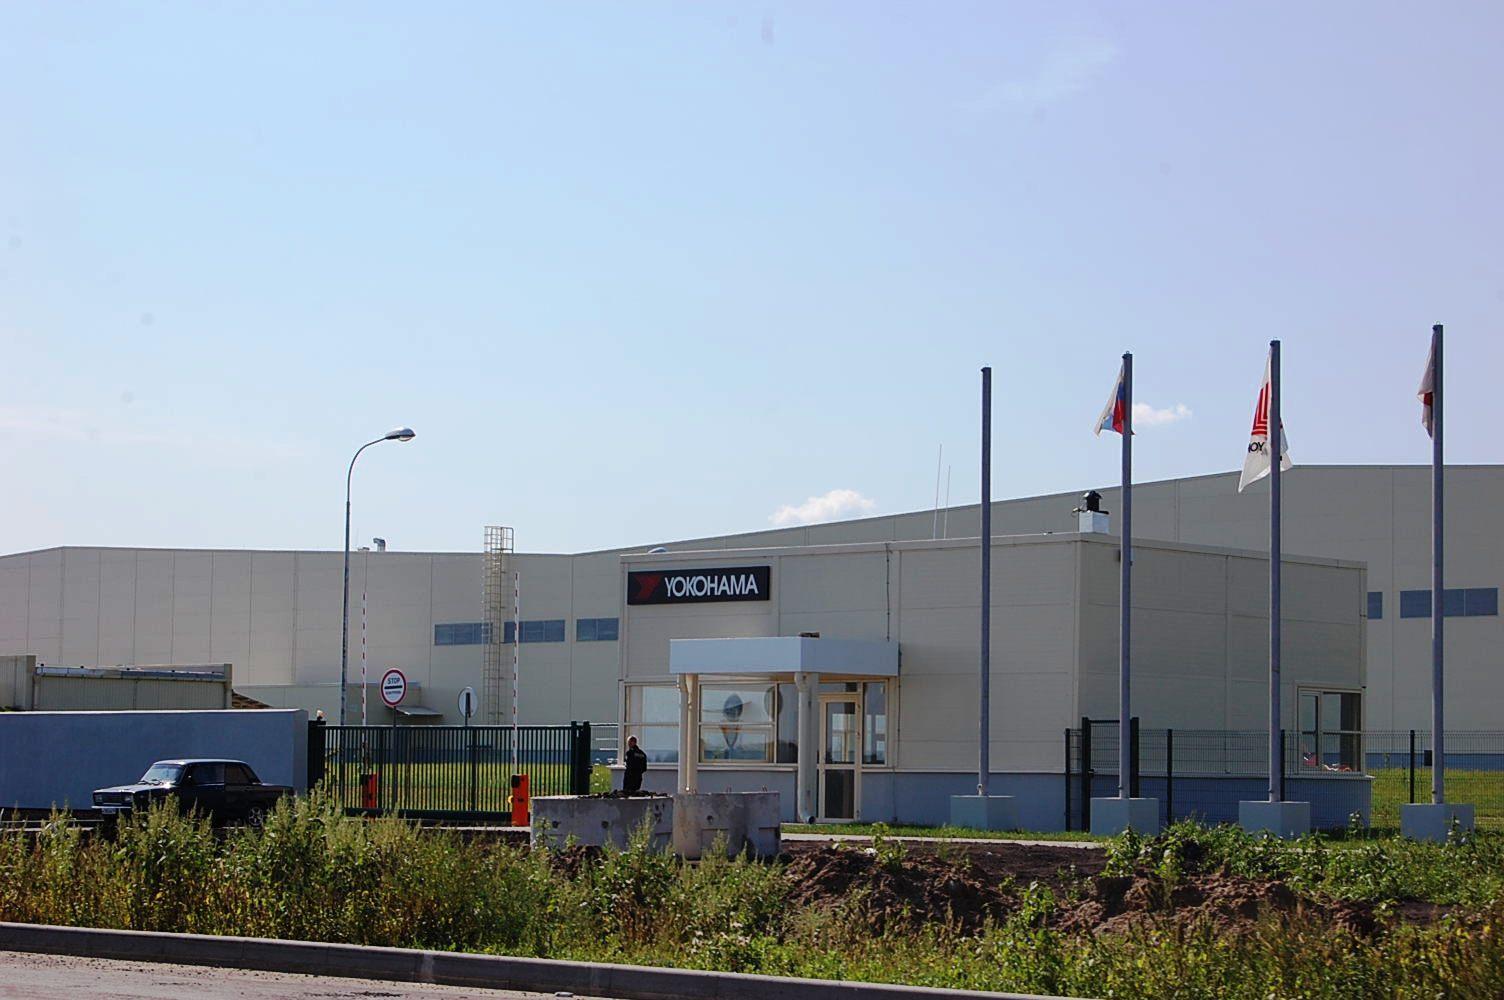 ООО «Йокохама Р.П.З.» - крупнейший налогоплательщик Липецкой области